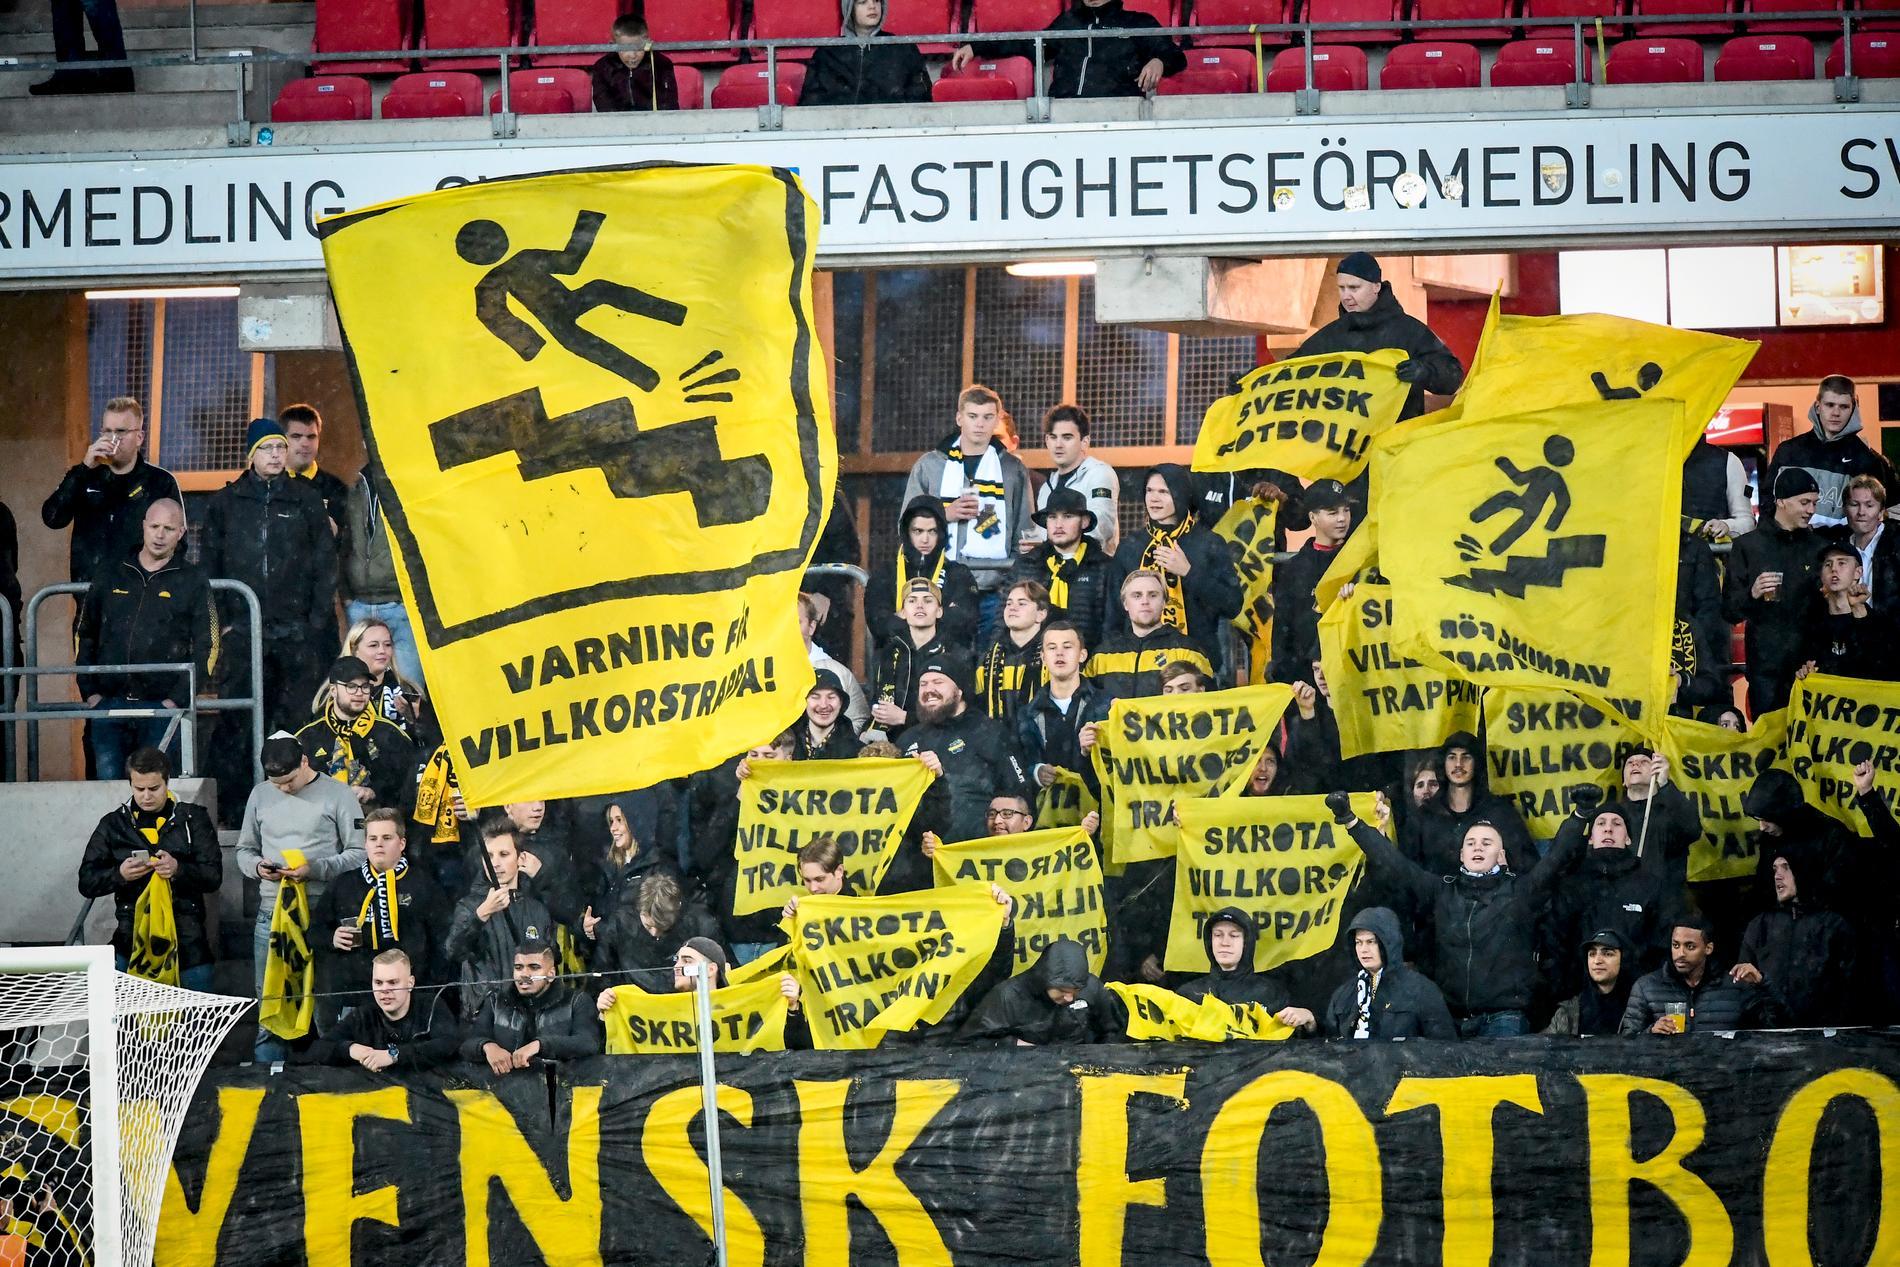 AIK:s supportrar, fans på läktaren protesterar mot den så kallade villkorstrappan. Arkivbild.